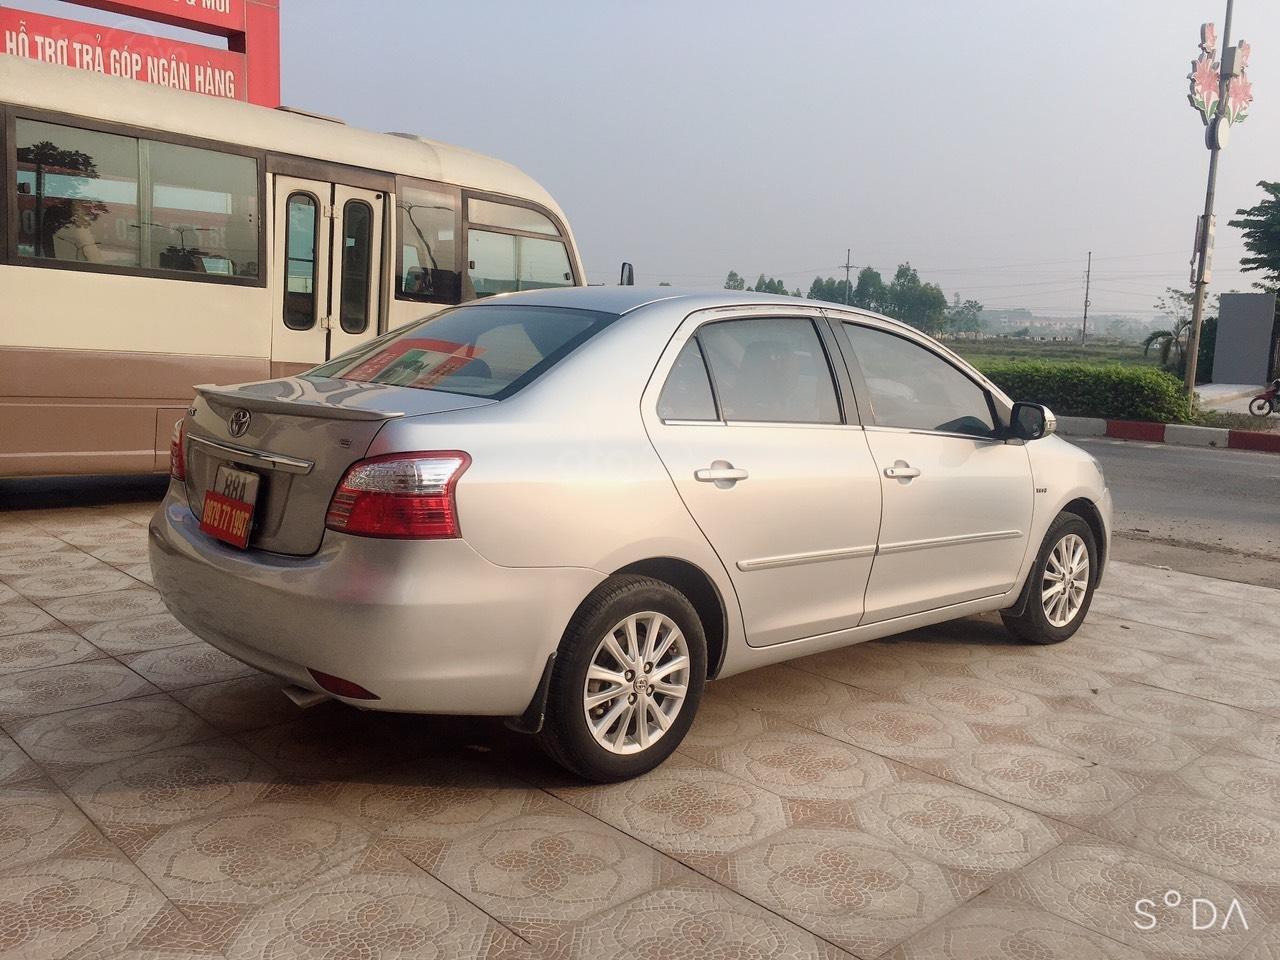 Cần bán Toyota Vios năm sản xuất 2010 giá cạnh tranh (5)